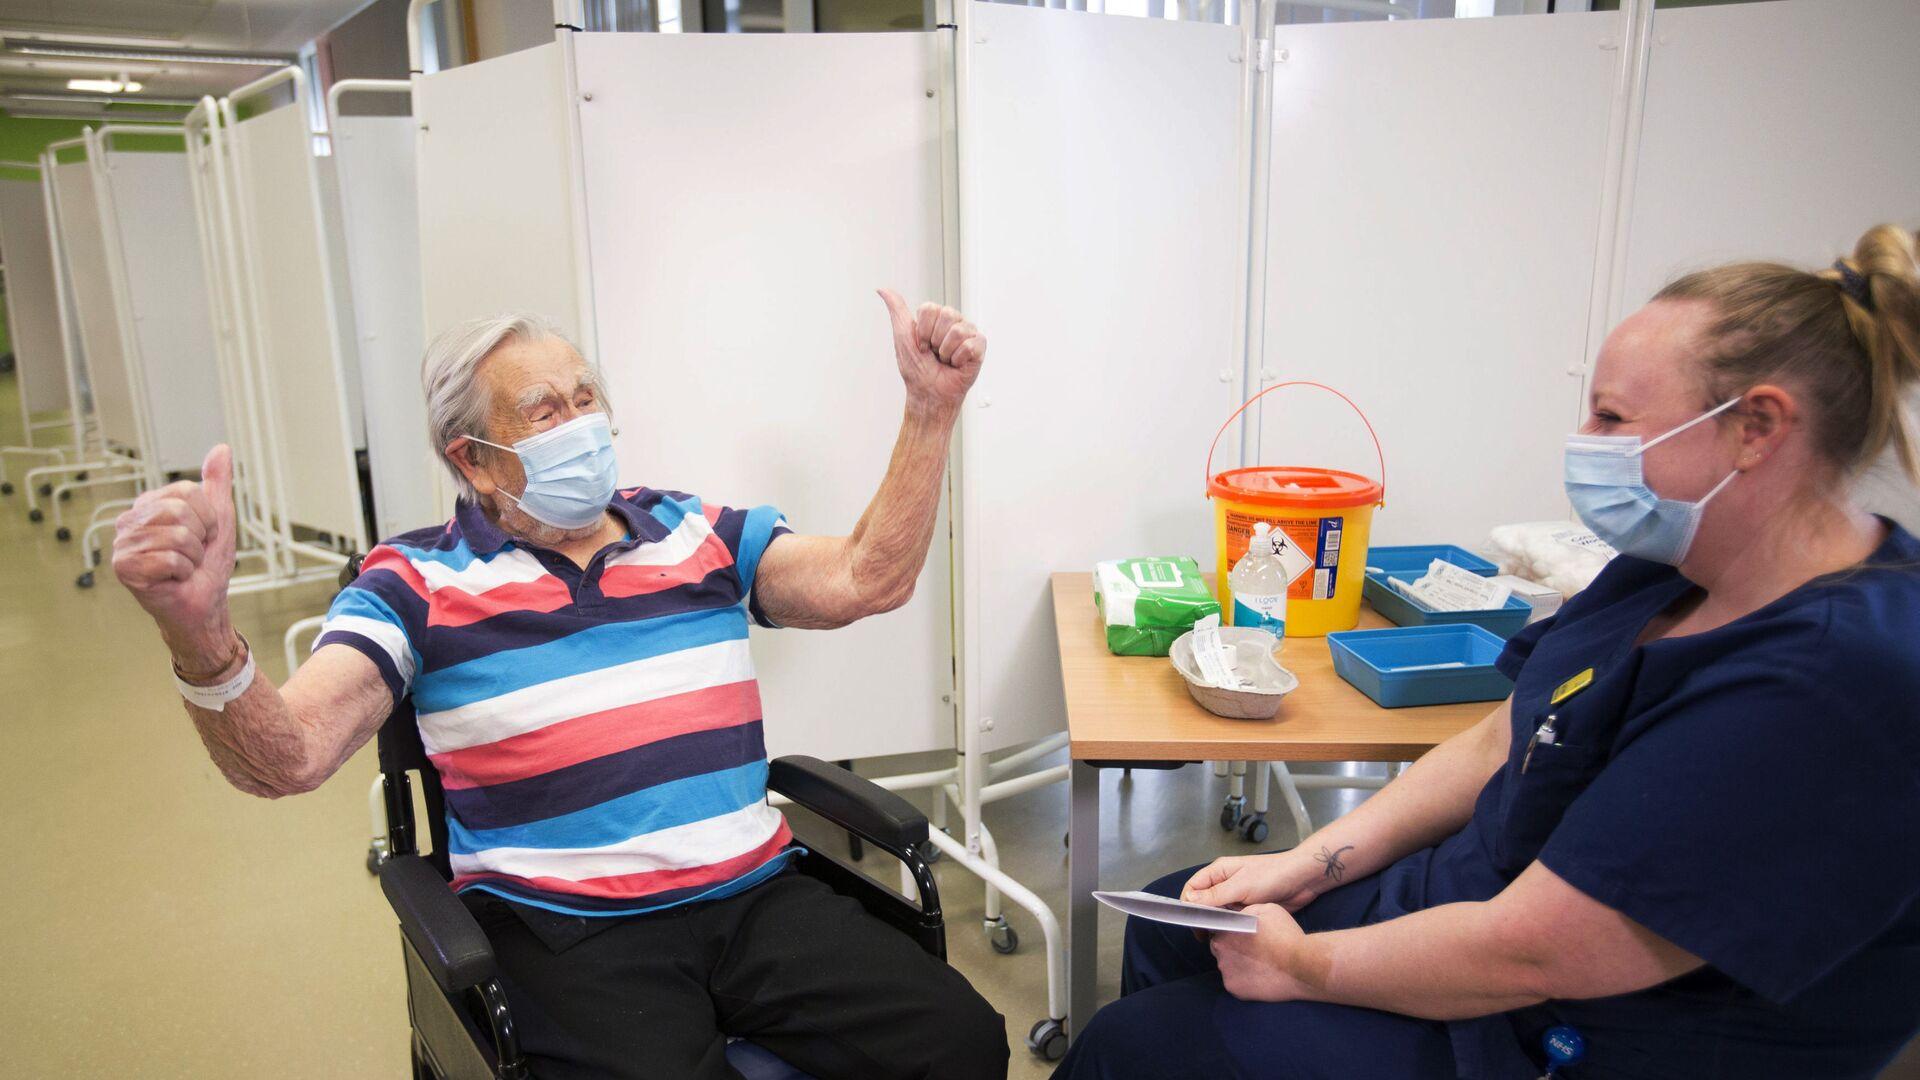 98-летний Генри (Джек) Воукс после вакцинации Pfizer-BioNTech в Бристоле, Англия - Sputnik Латвия, 1920, 23.06.2021